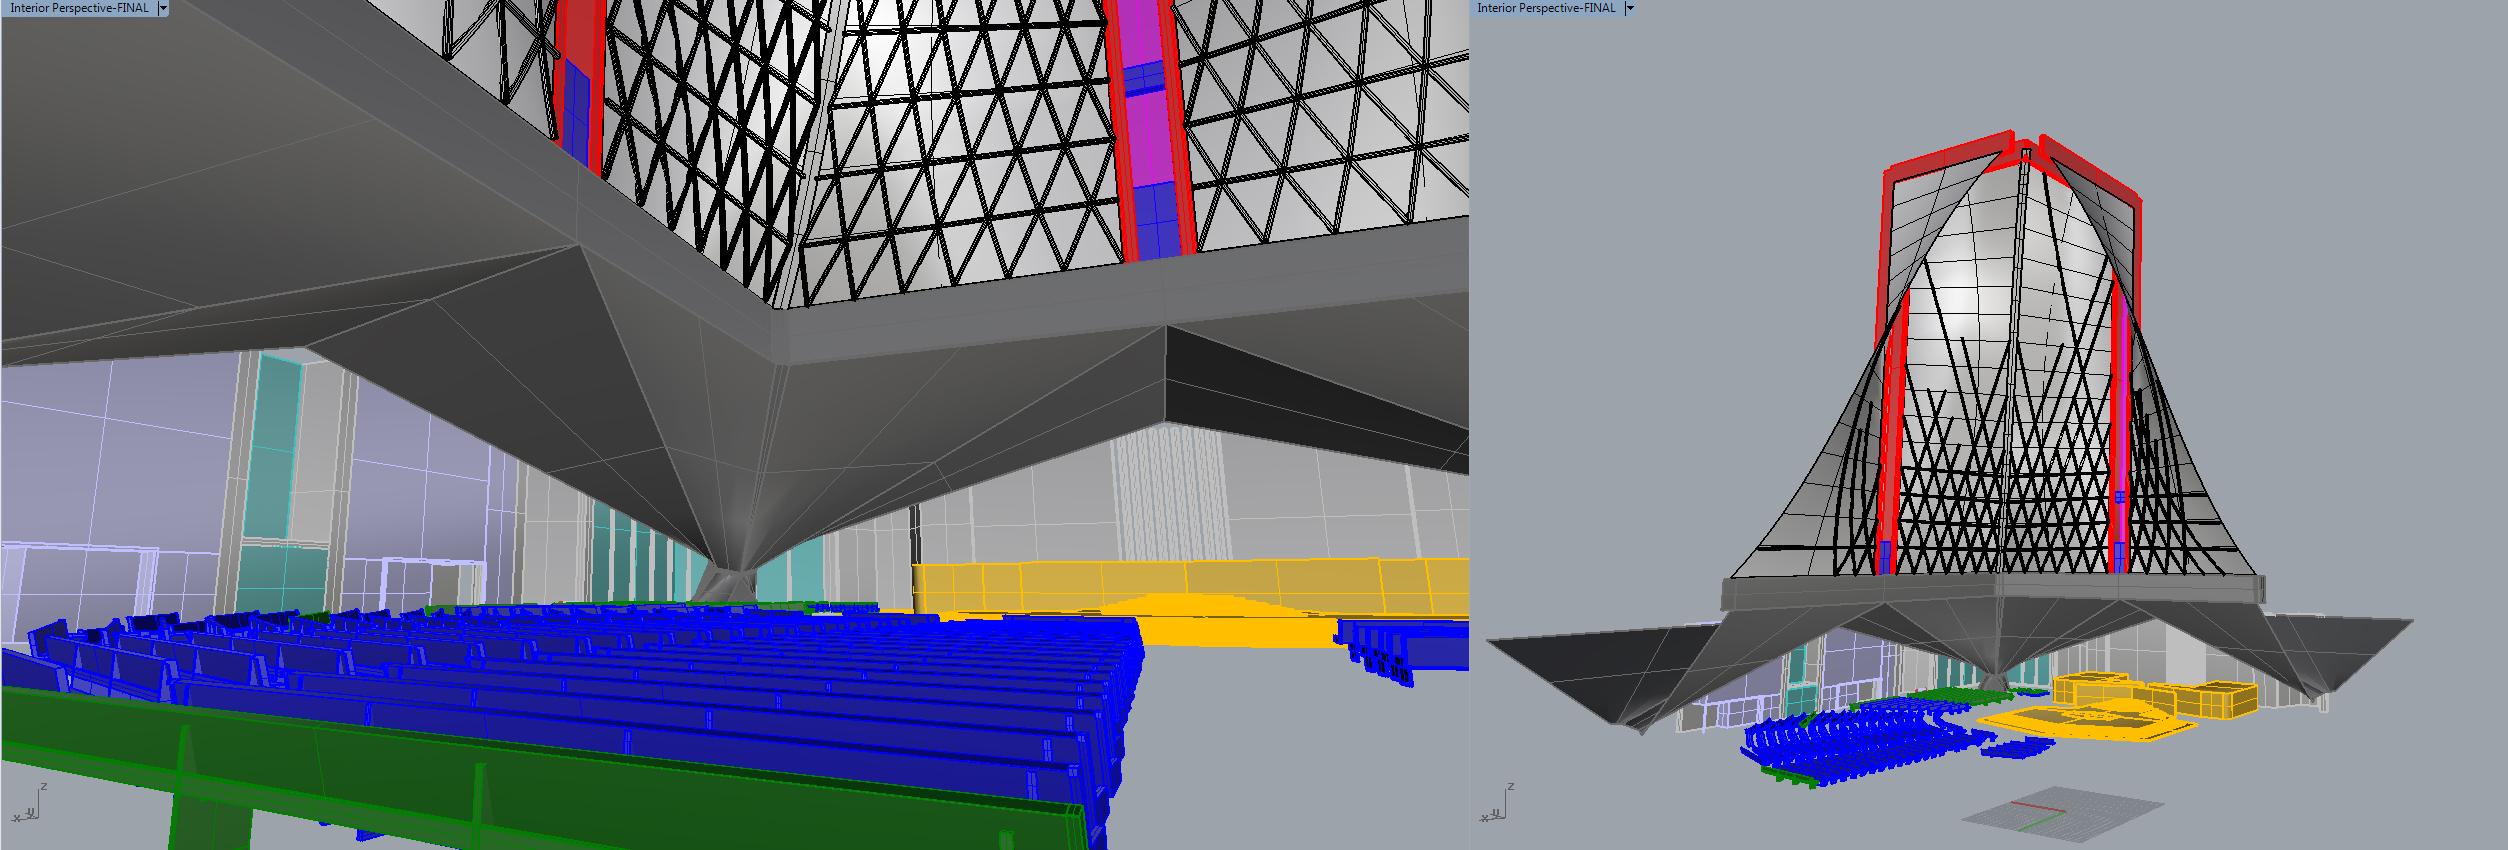 St marys rendering.jpg